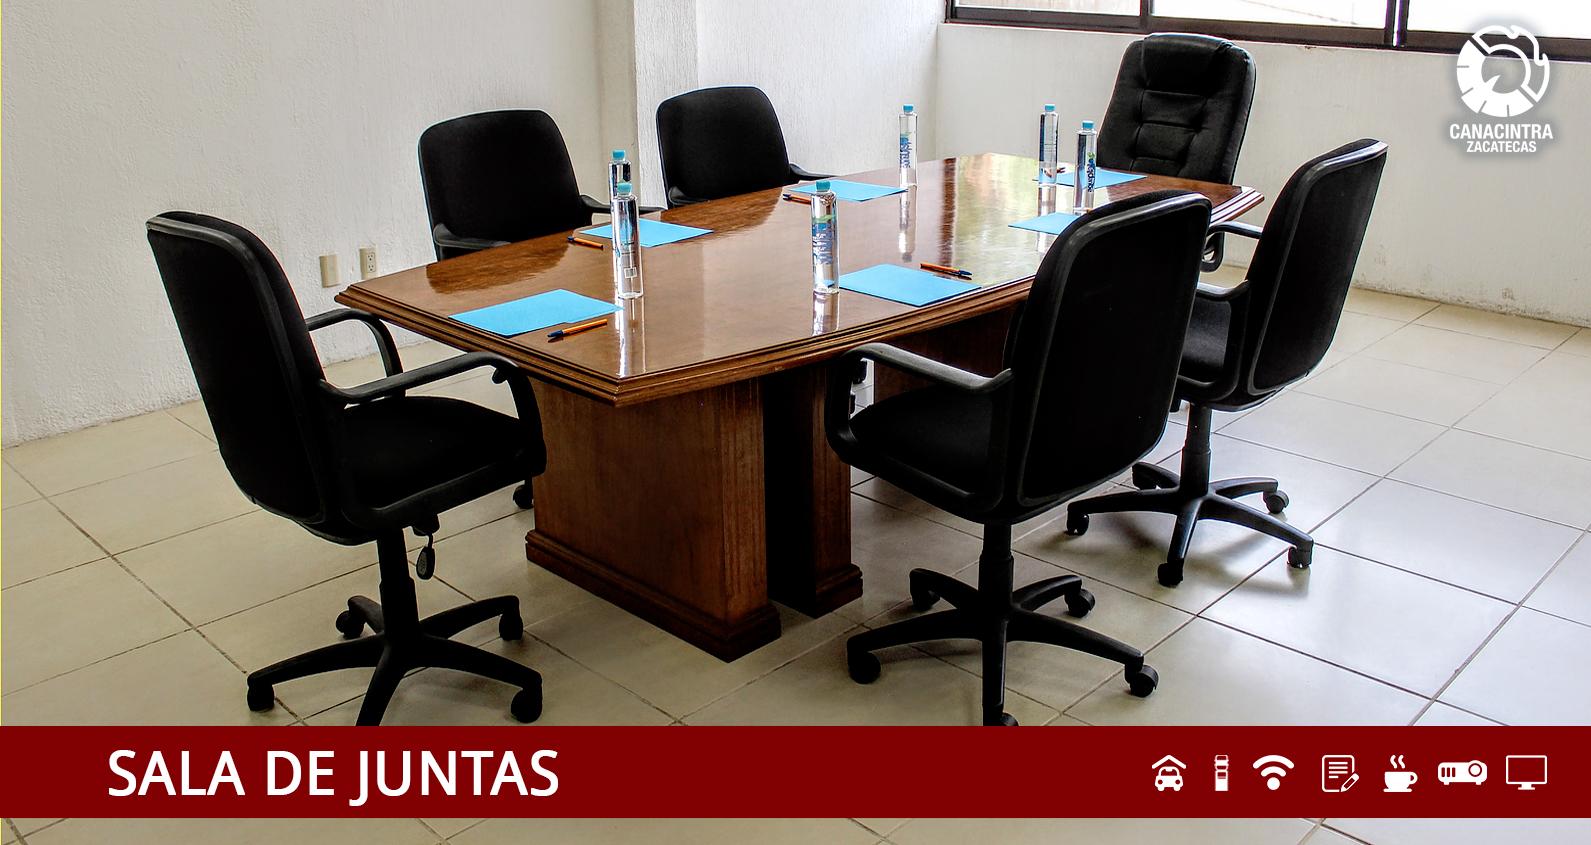 Sala de Juntas Canacintra Zacatecas